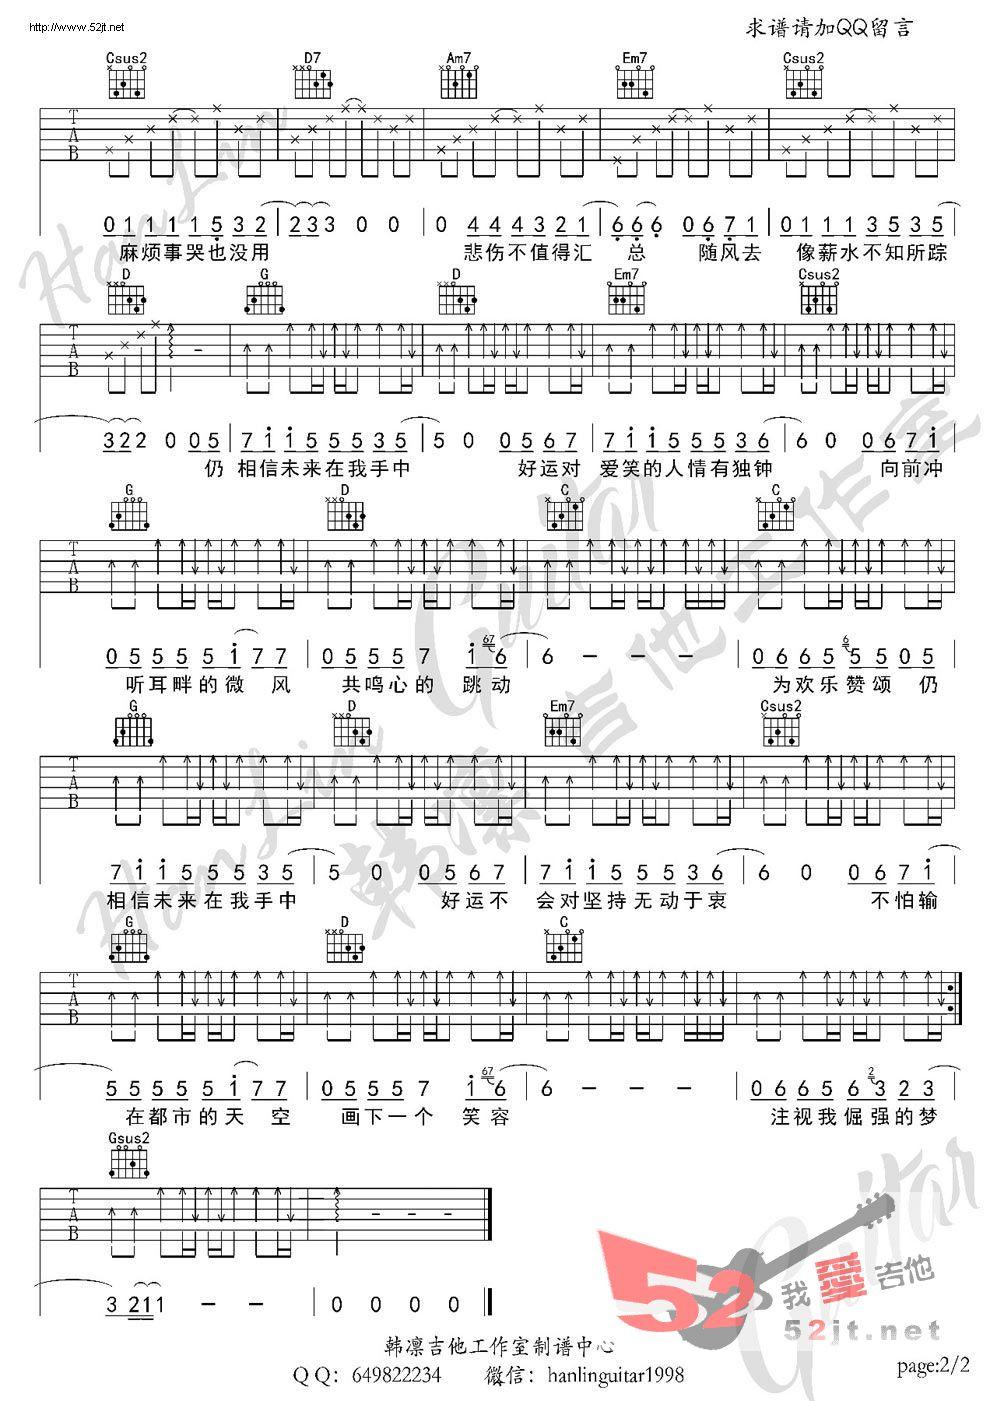 欢乐颂 电视剧《欢乐颂》主题曲 吉他谱图片